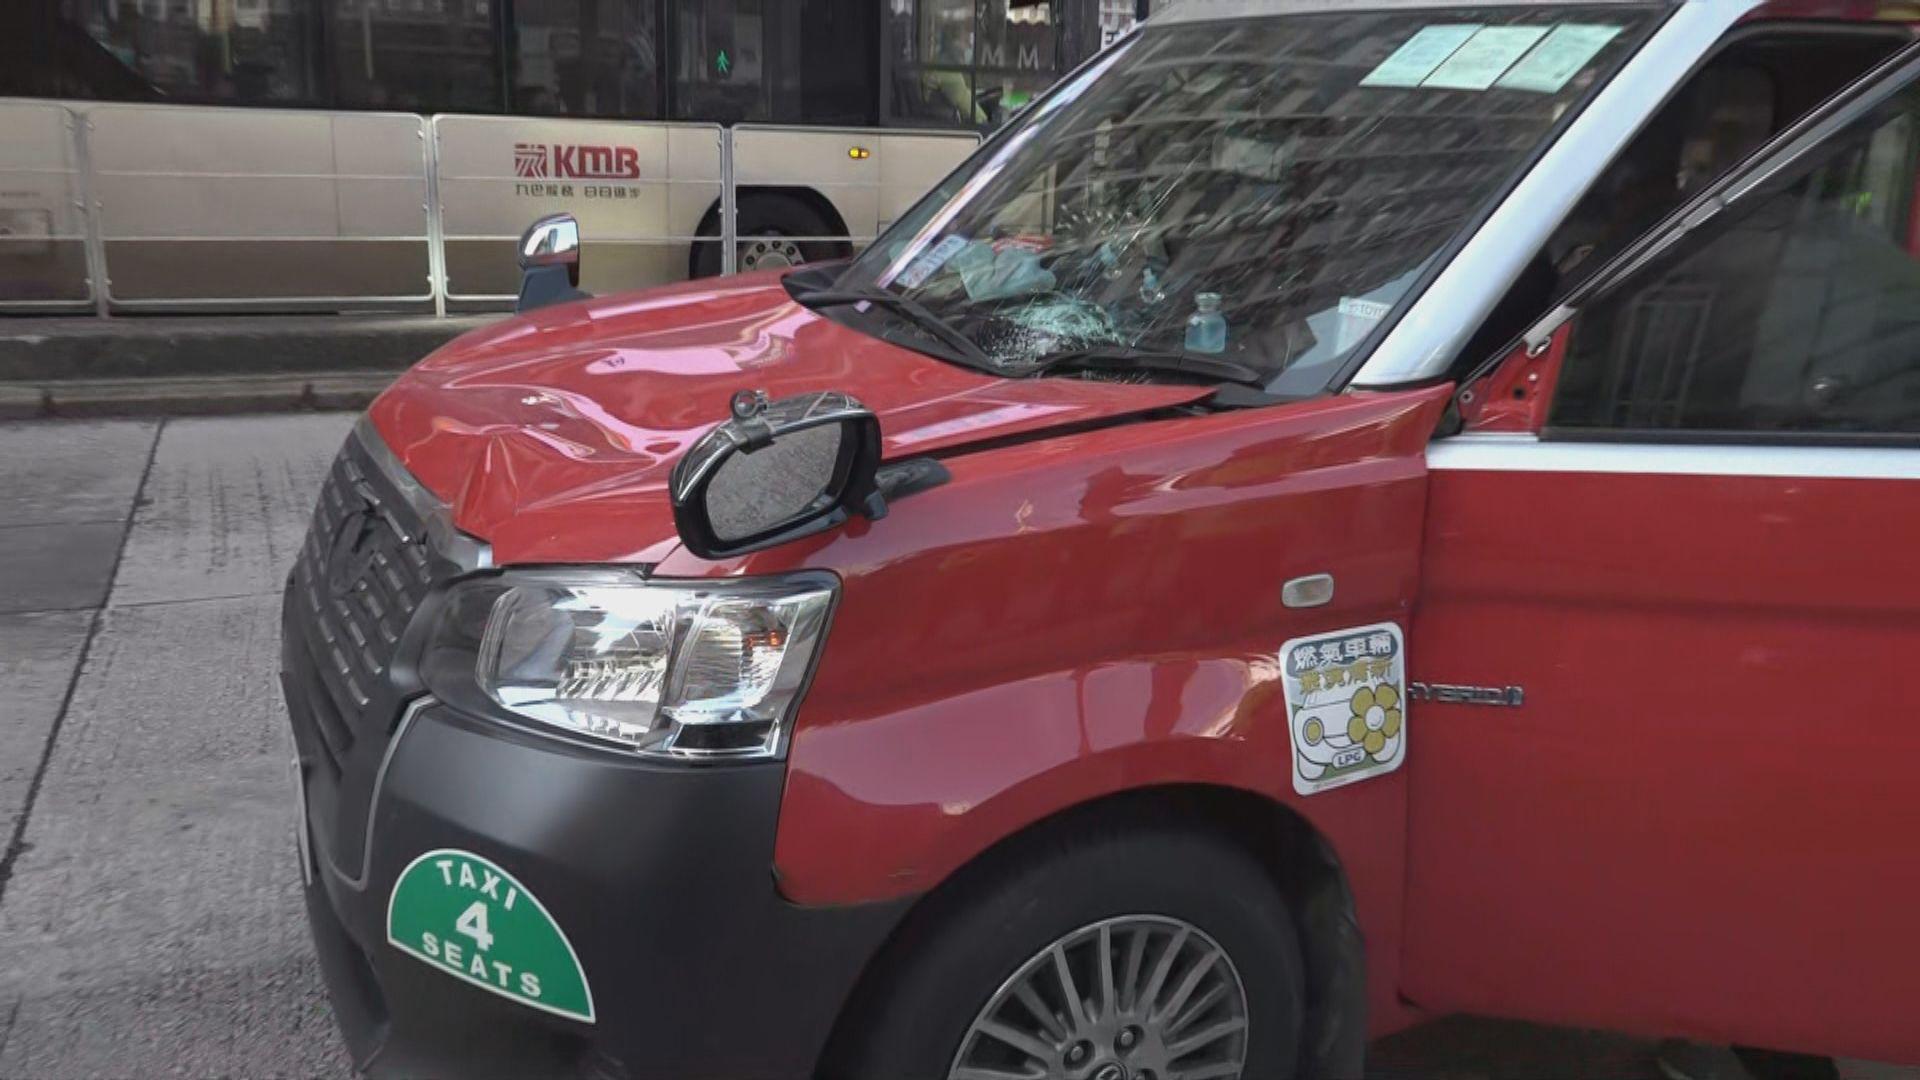 的士於油麻地撞倒過路男子 司機涉危駕被捕